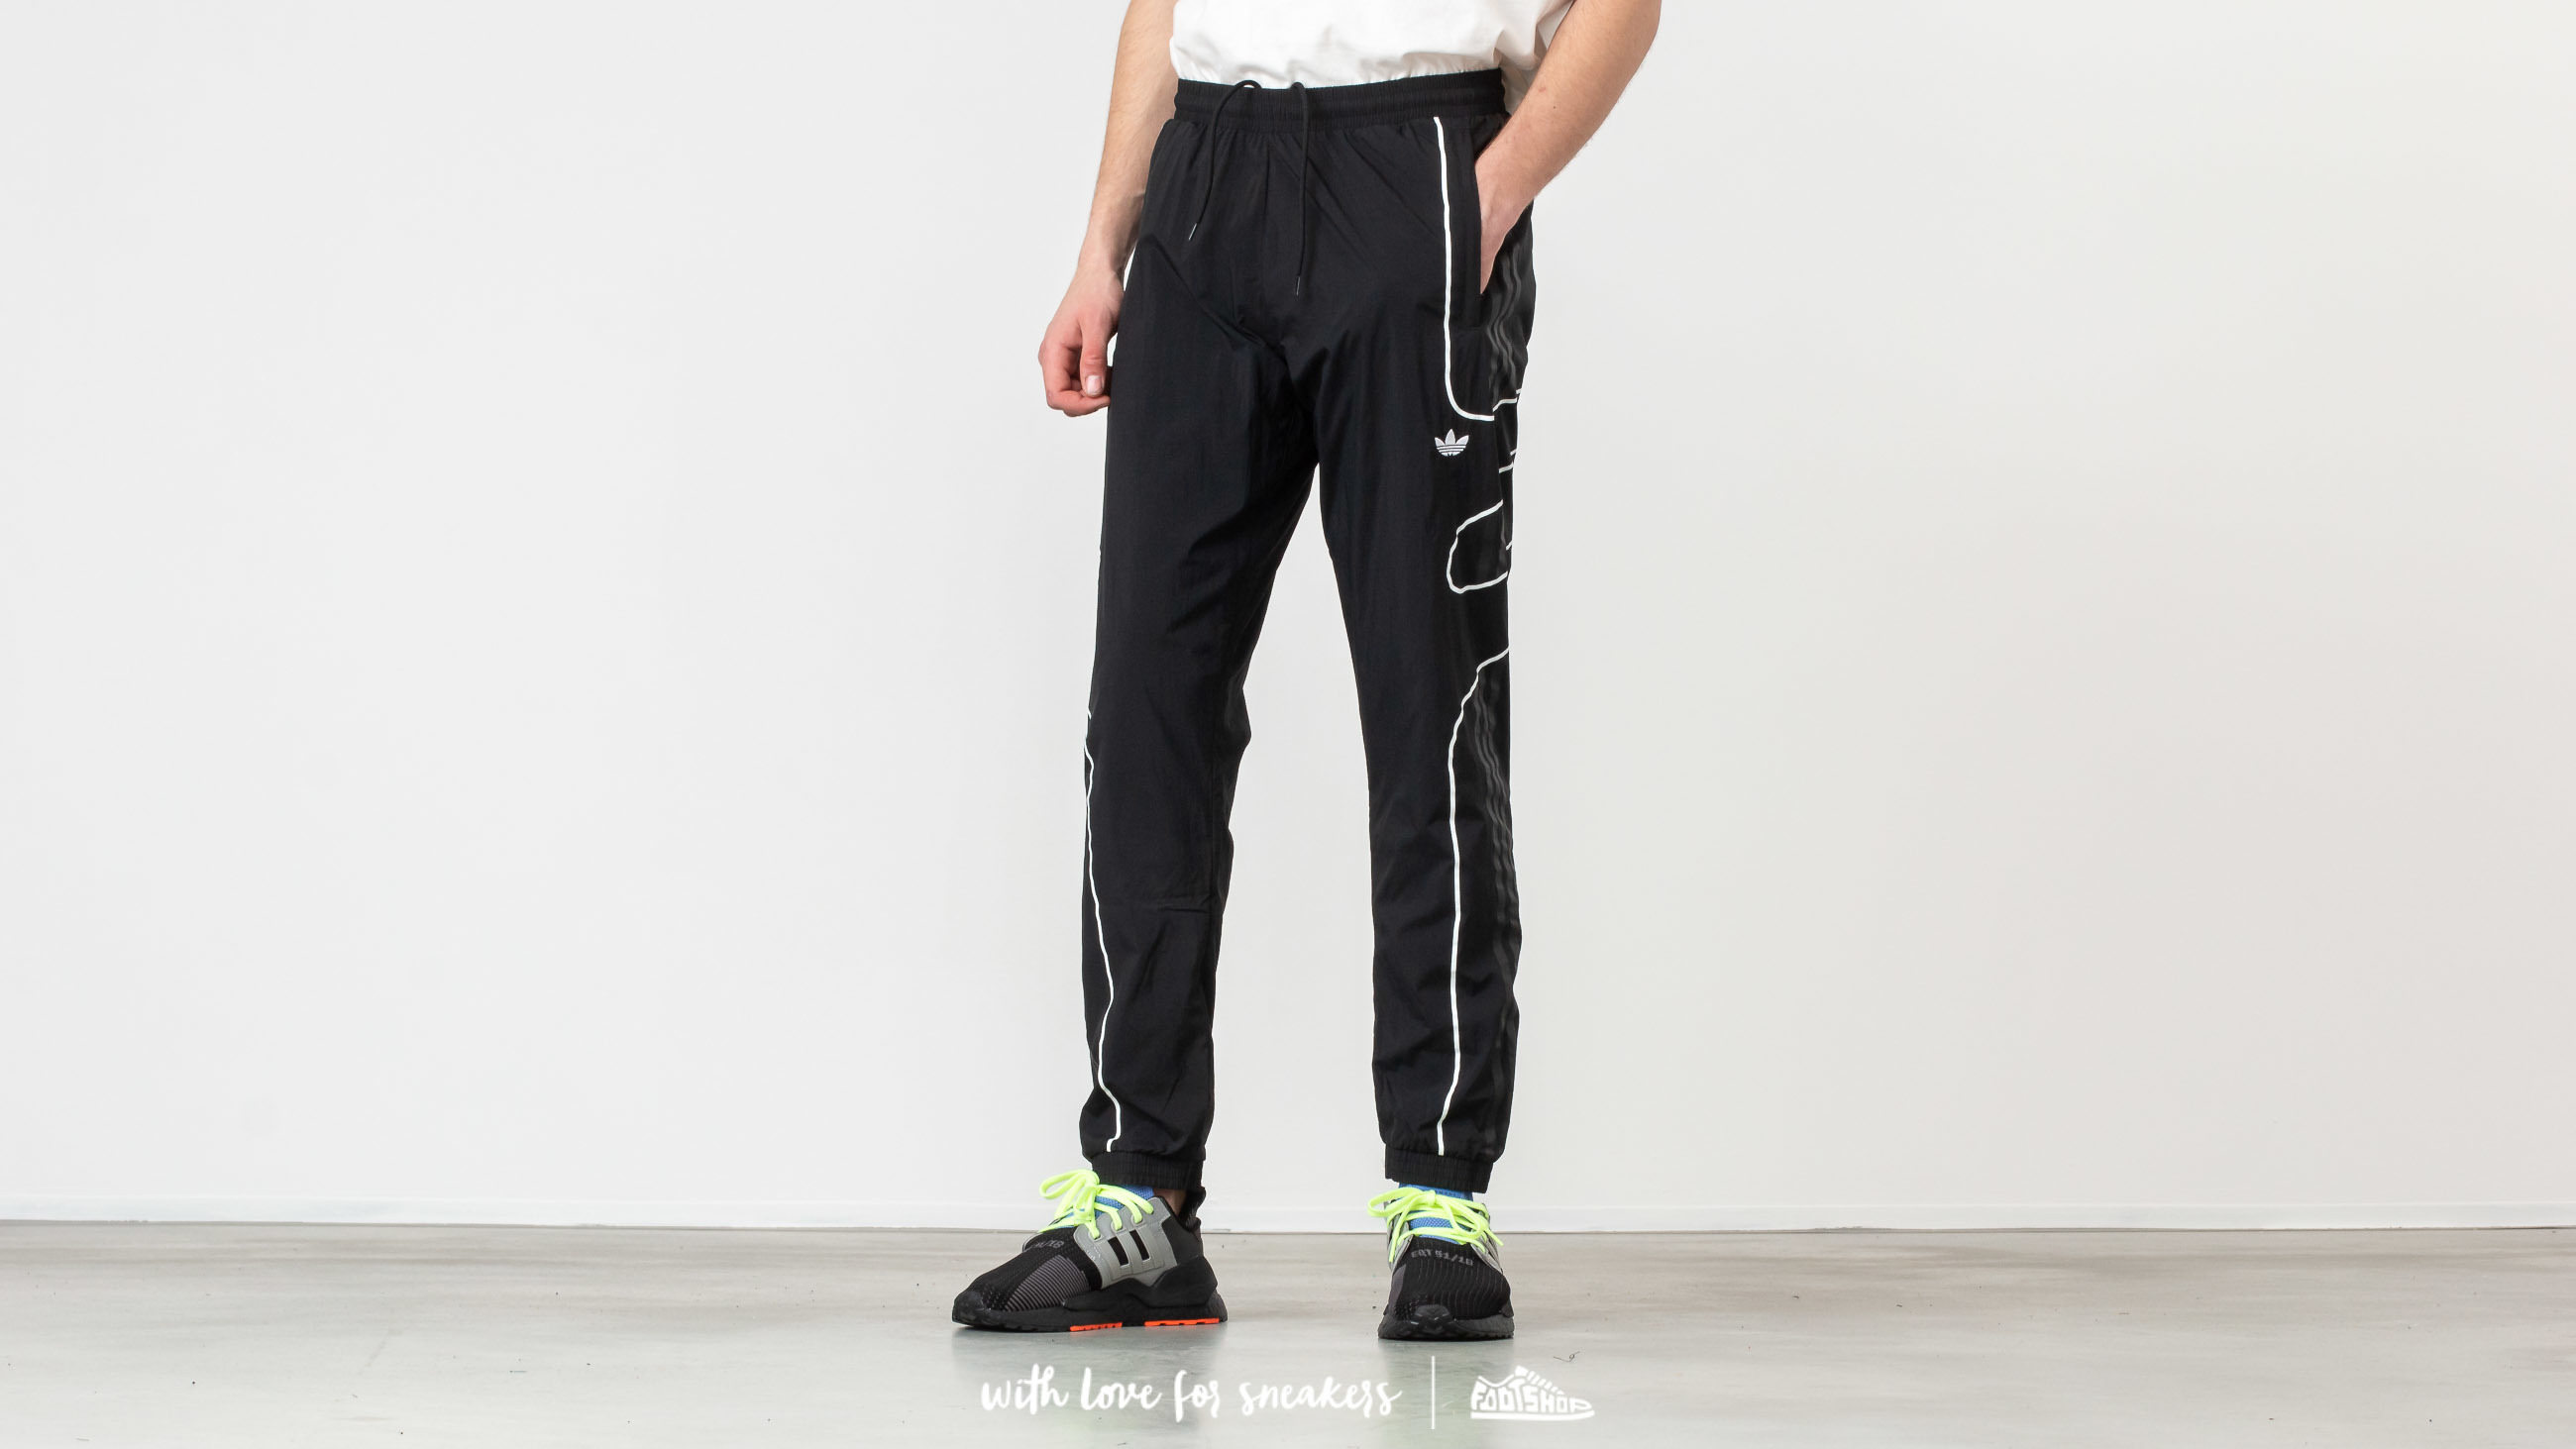 a77c4aed6edb adidas Originals Flamestrike Woven Track Pants Black nagyszerű árakon 25  694 Ft vásárolj ...